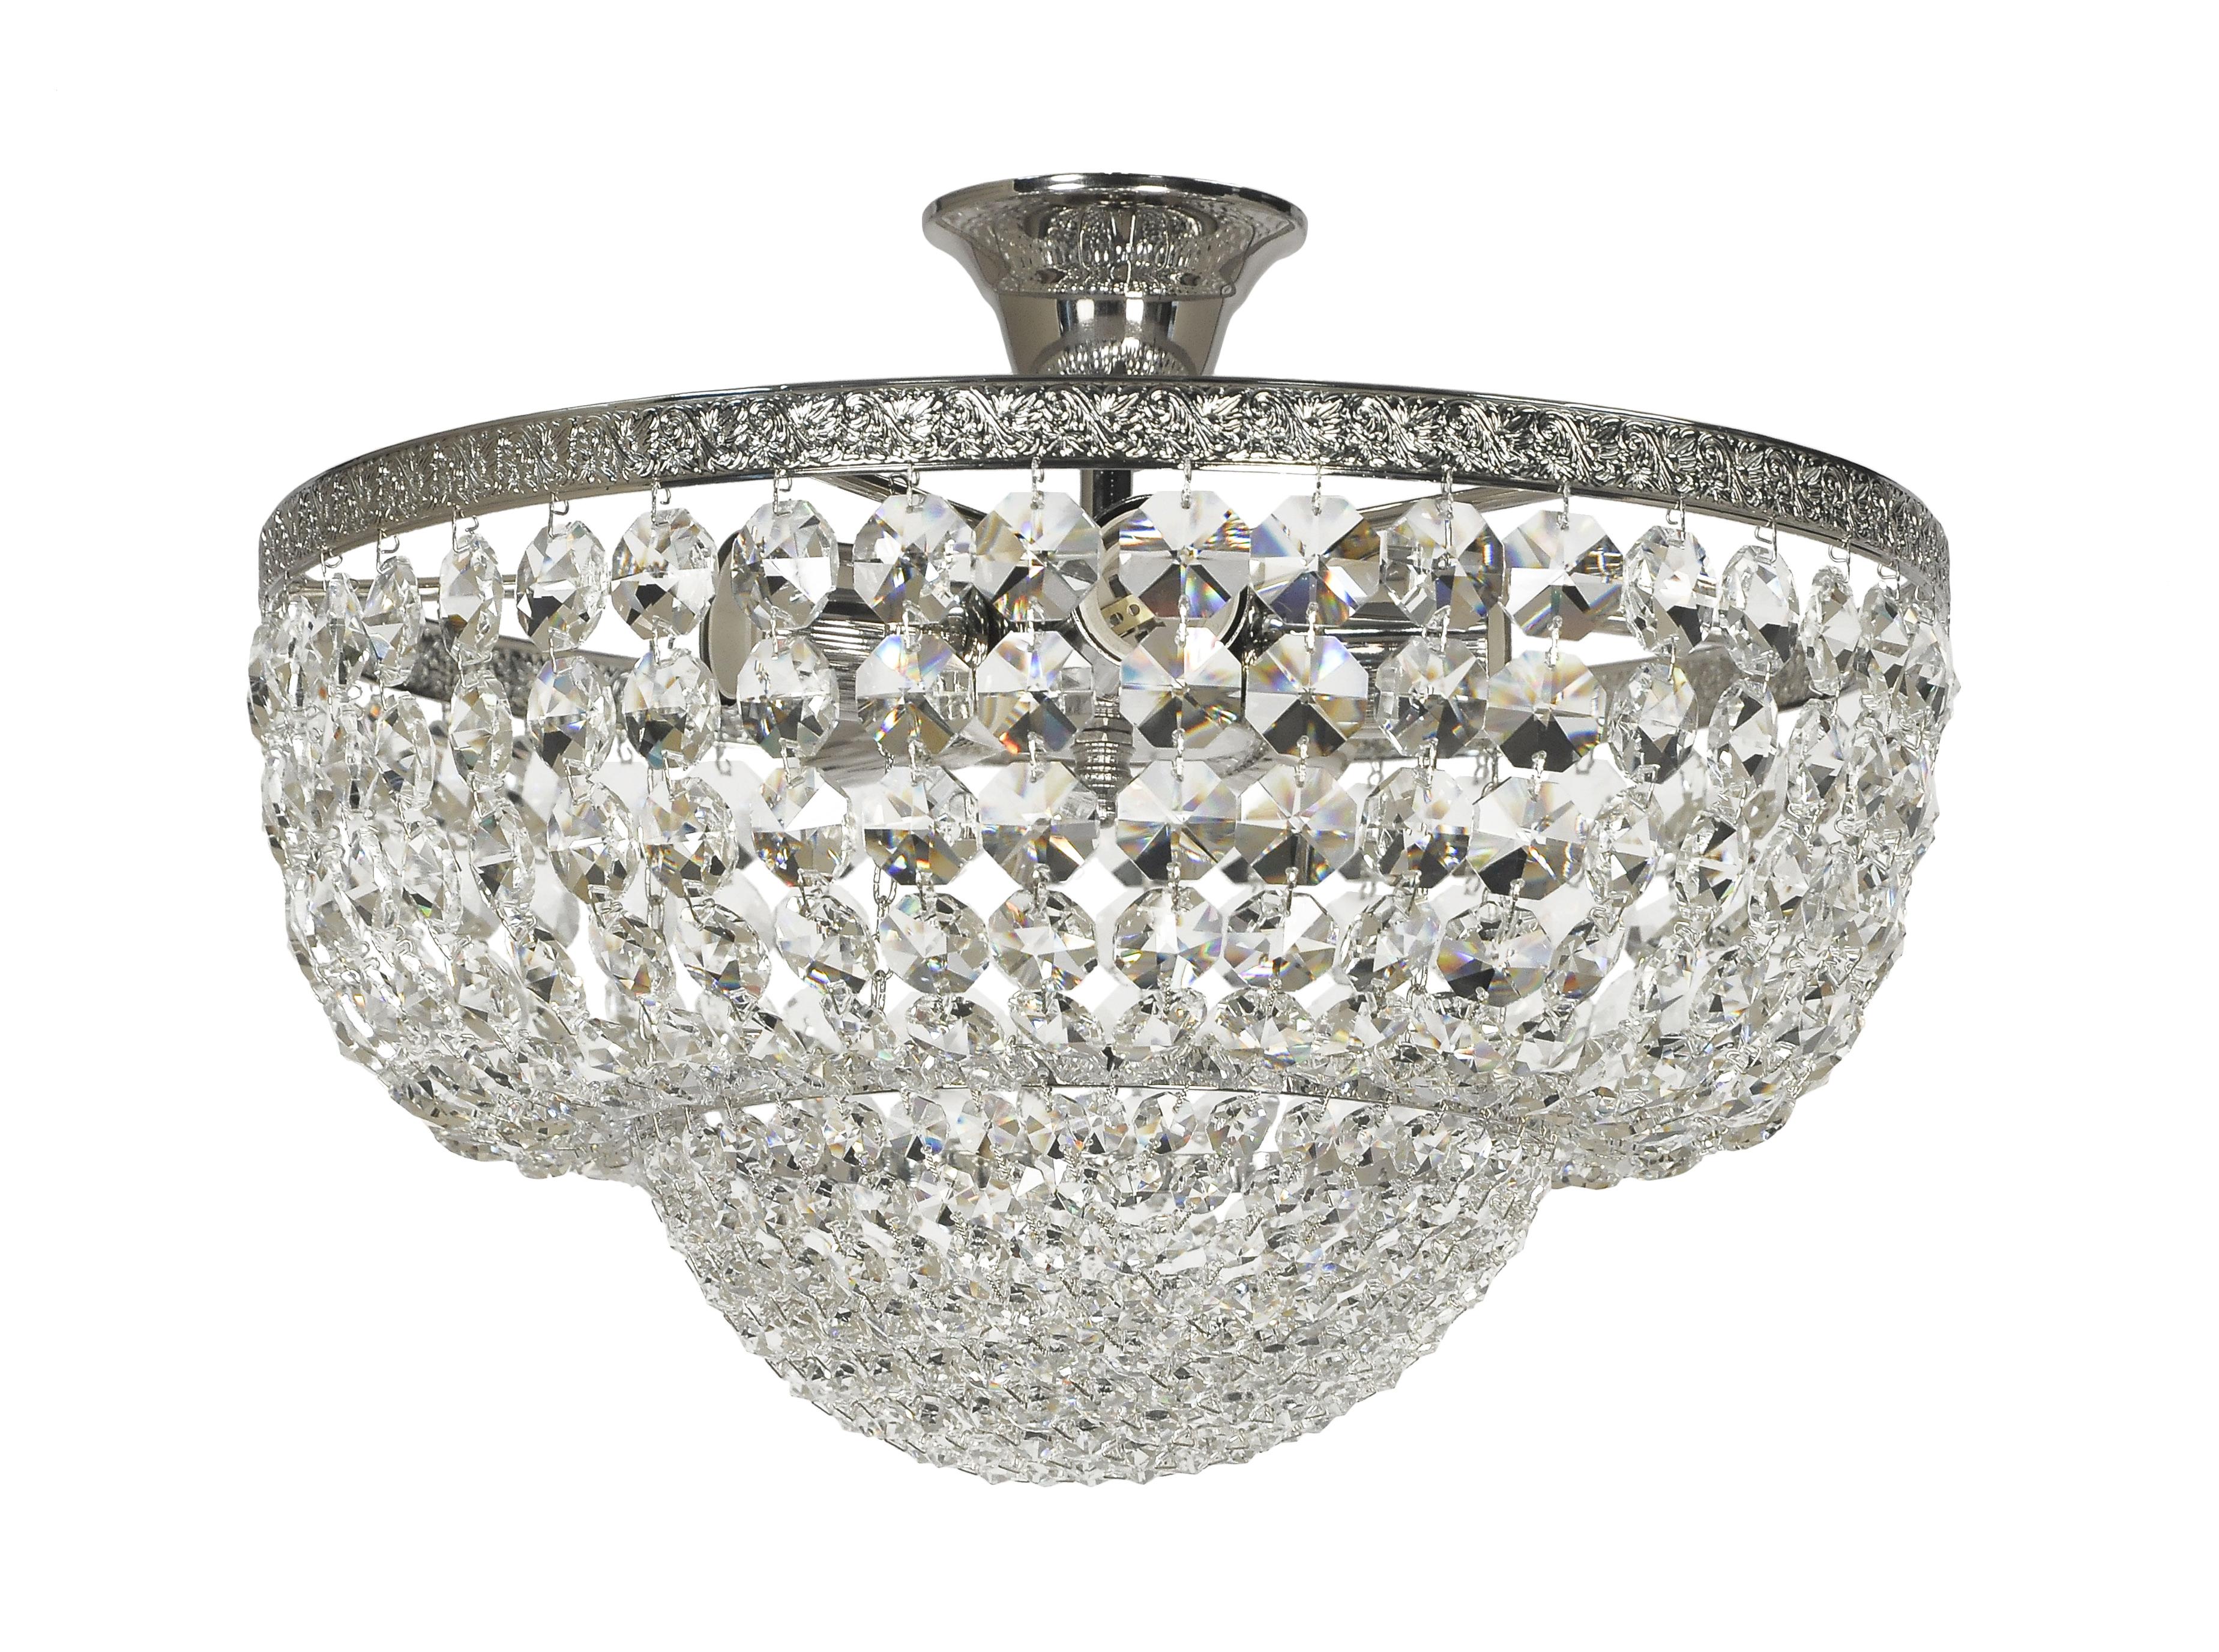 Люстра Arti lampadariЛюстры<br>Назначение светильника: для комнаты,<br>Стиль светильника: классика,<br>Материал плафона: стекло, хрусталь,<br>Материал арматуры: металл,<br>Диаметр: 300,<br>Высота: 400,<br>Количество ламп: 5,<br>Тип лампы: накаливания,<br>Мощность: 60,<br>Патрон: Е27,<br>Цвет арматуры: никель<br>